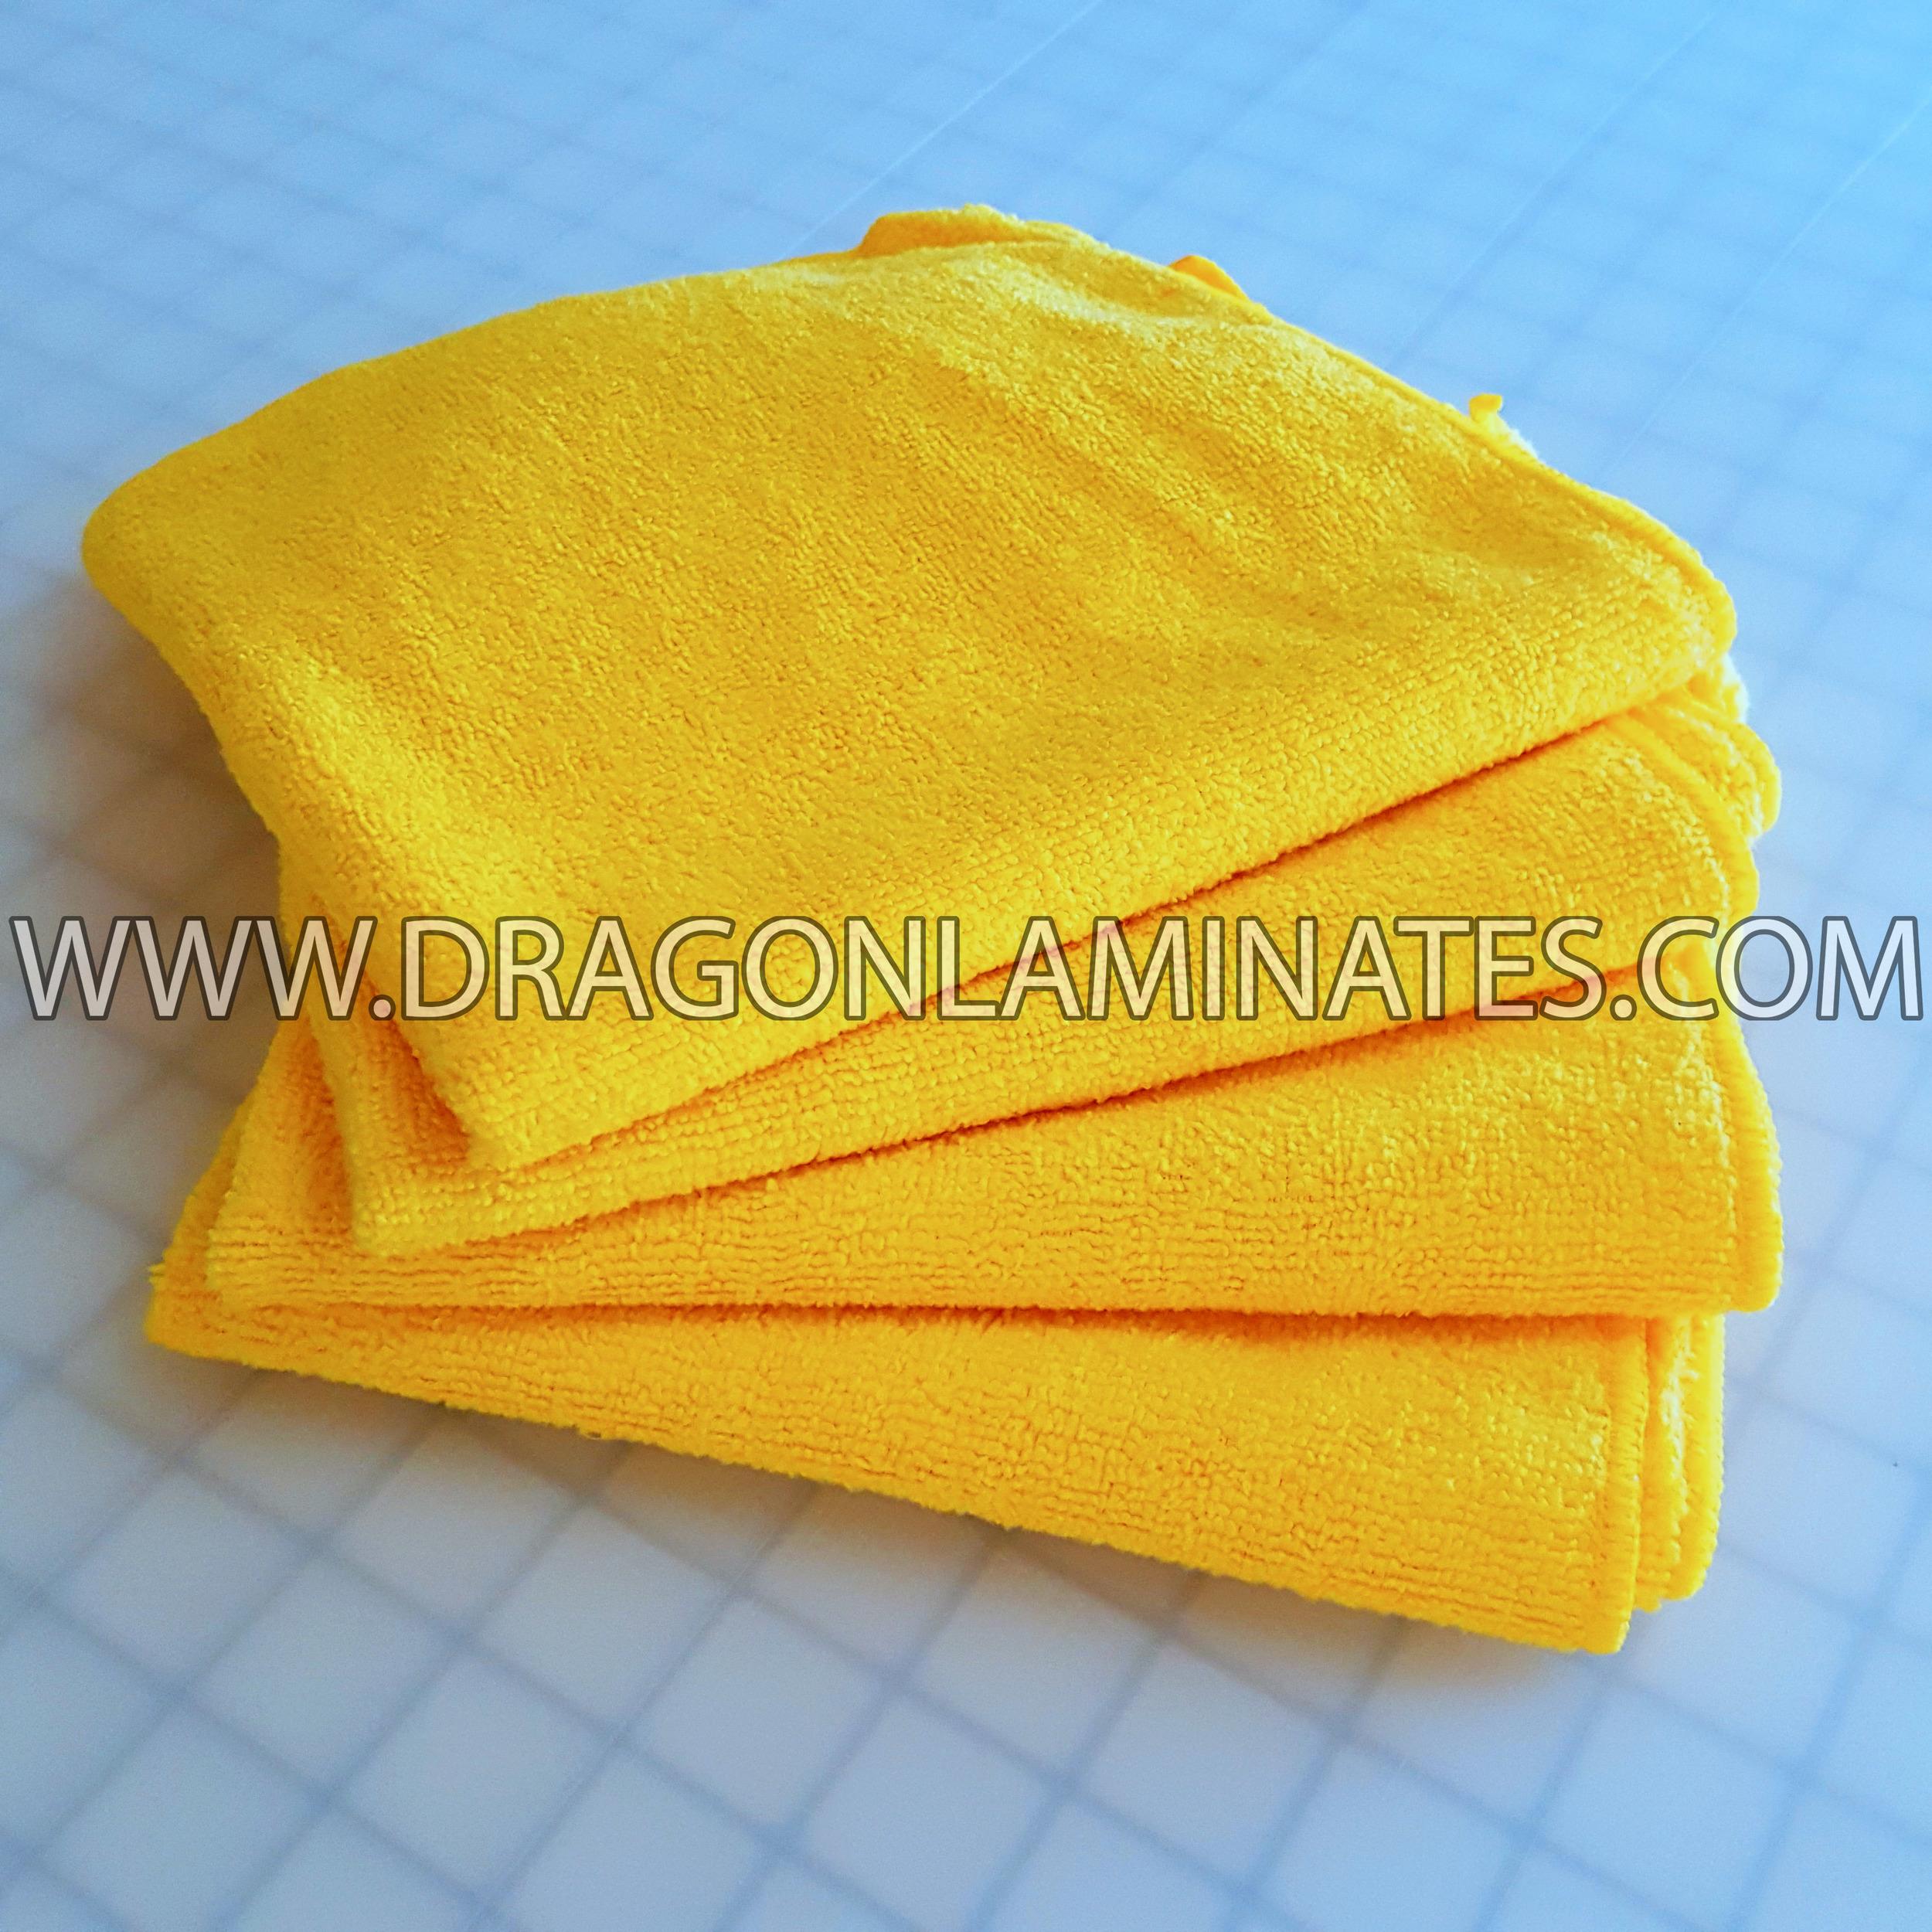 microfiber towel 1.jpg